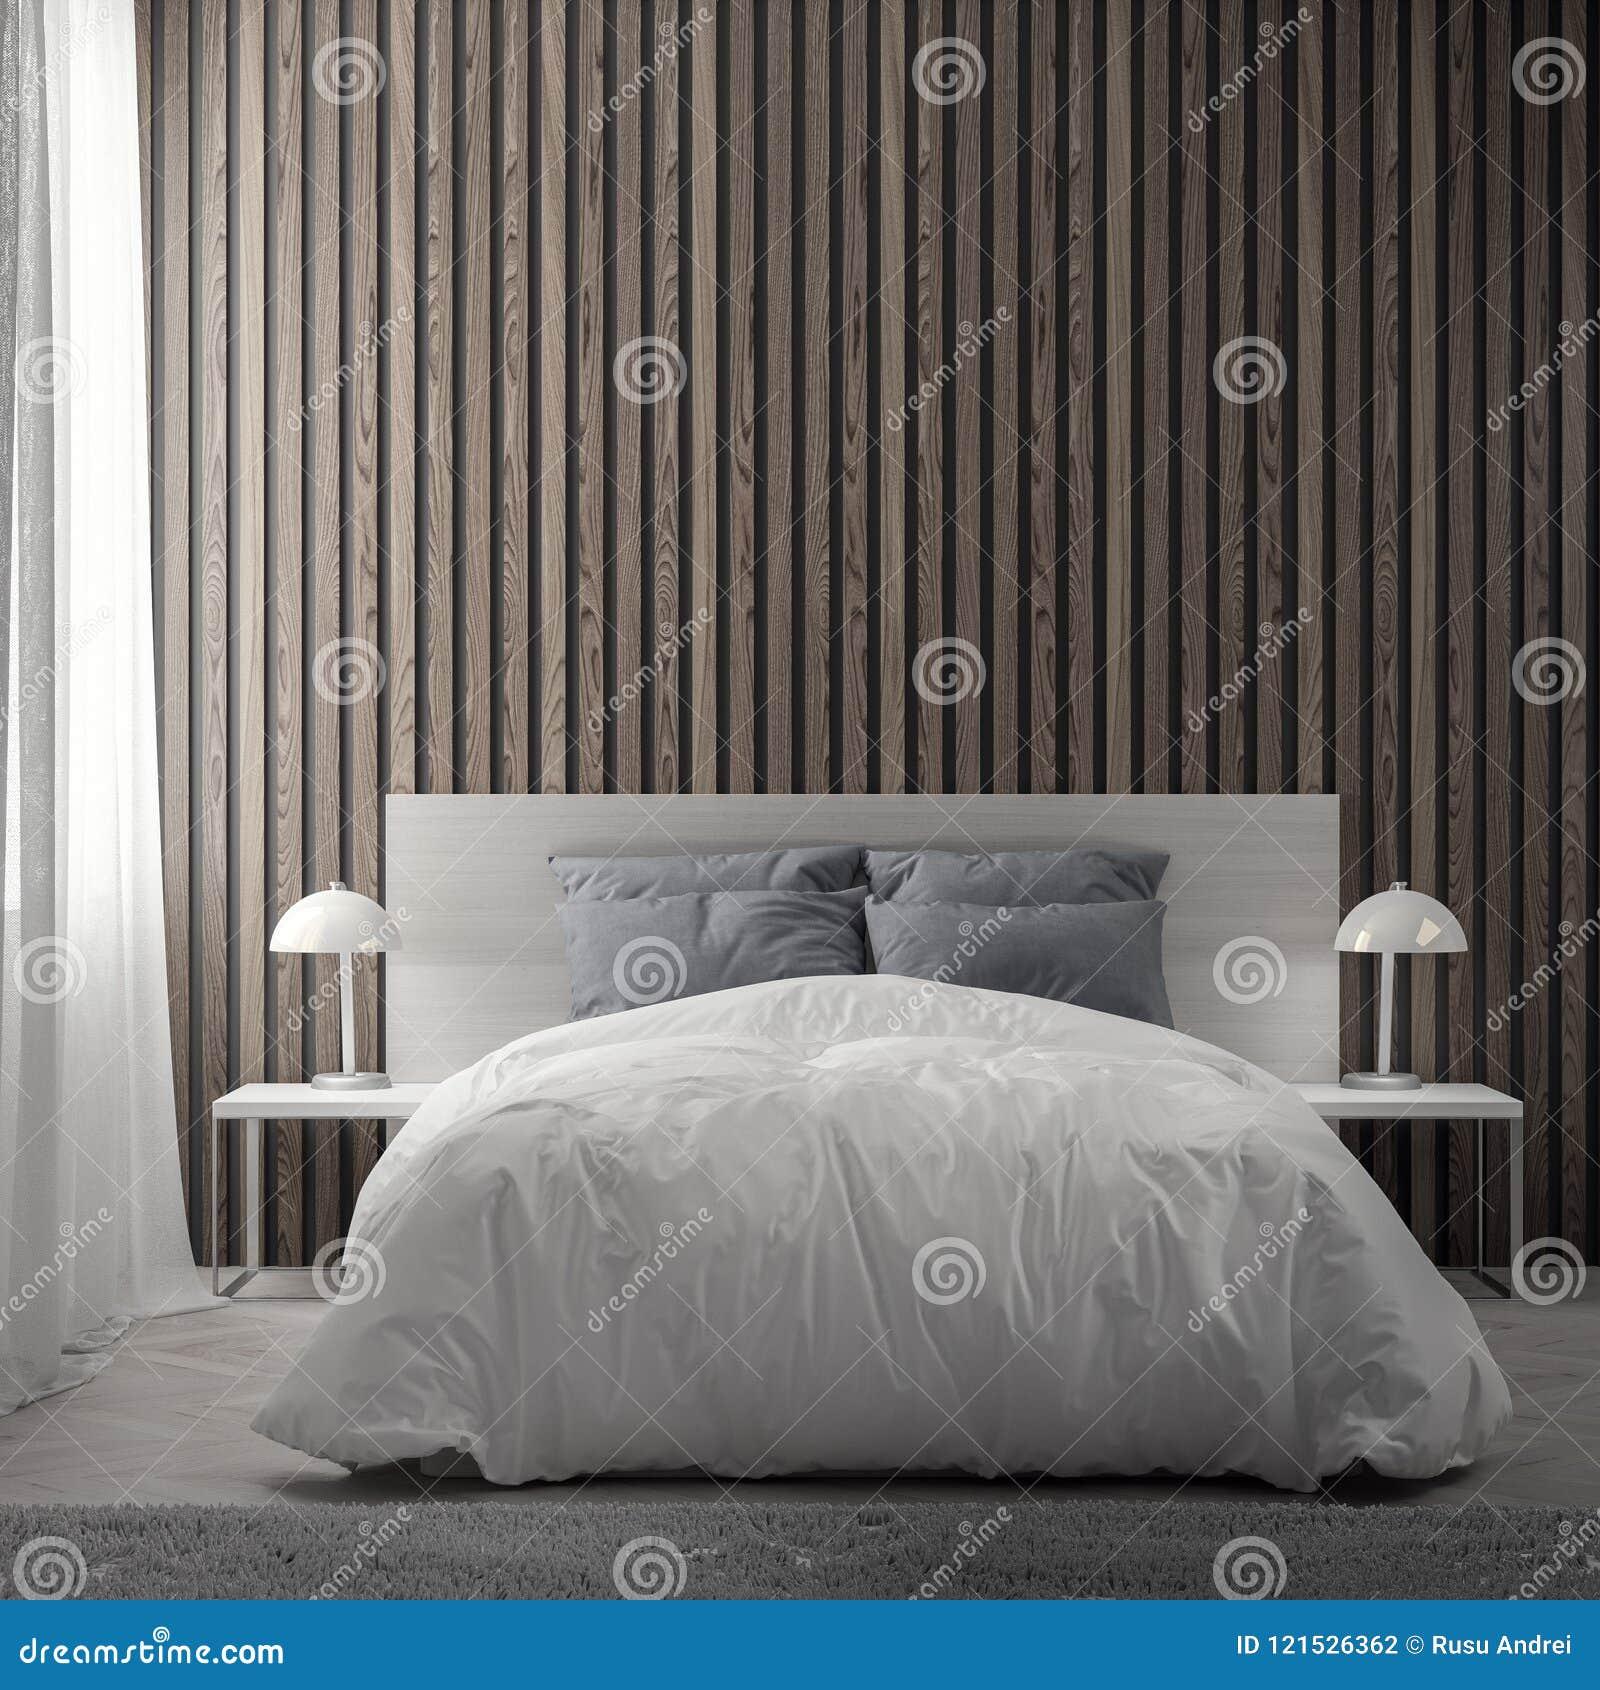 Wnętrze sypialnia z drewnianą deski ścianą, 3D rendering